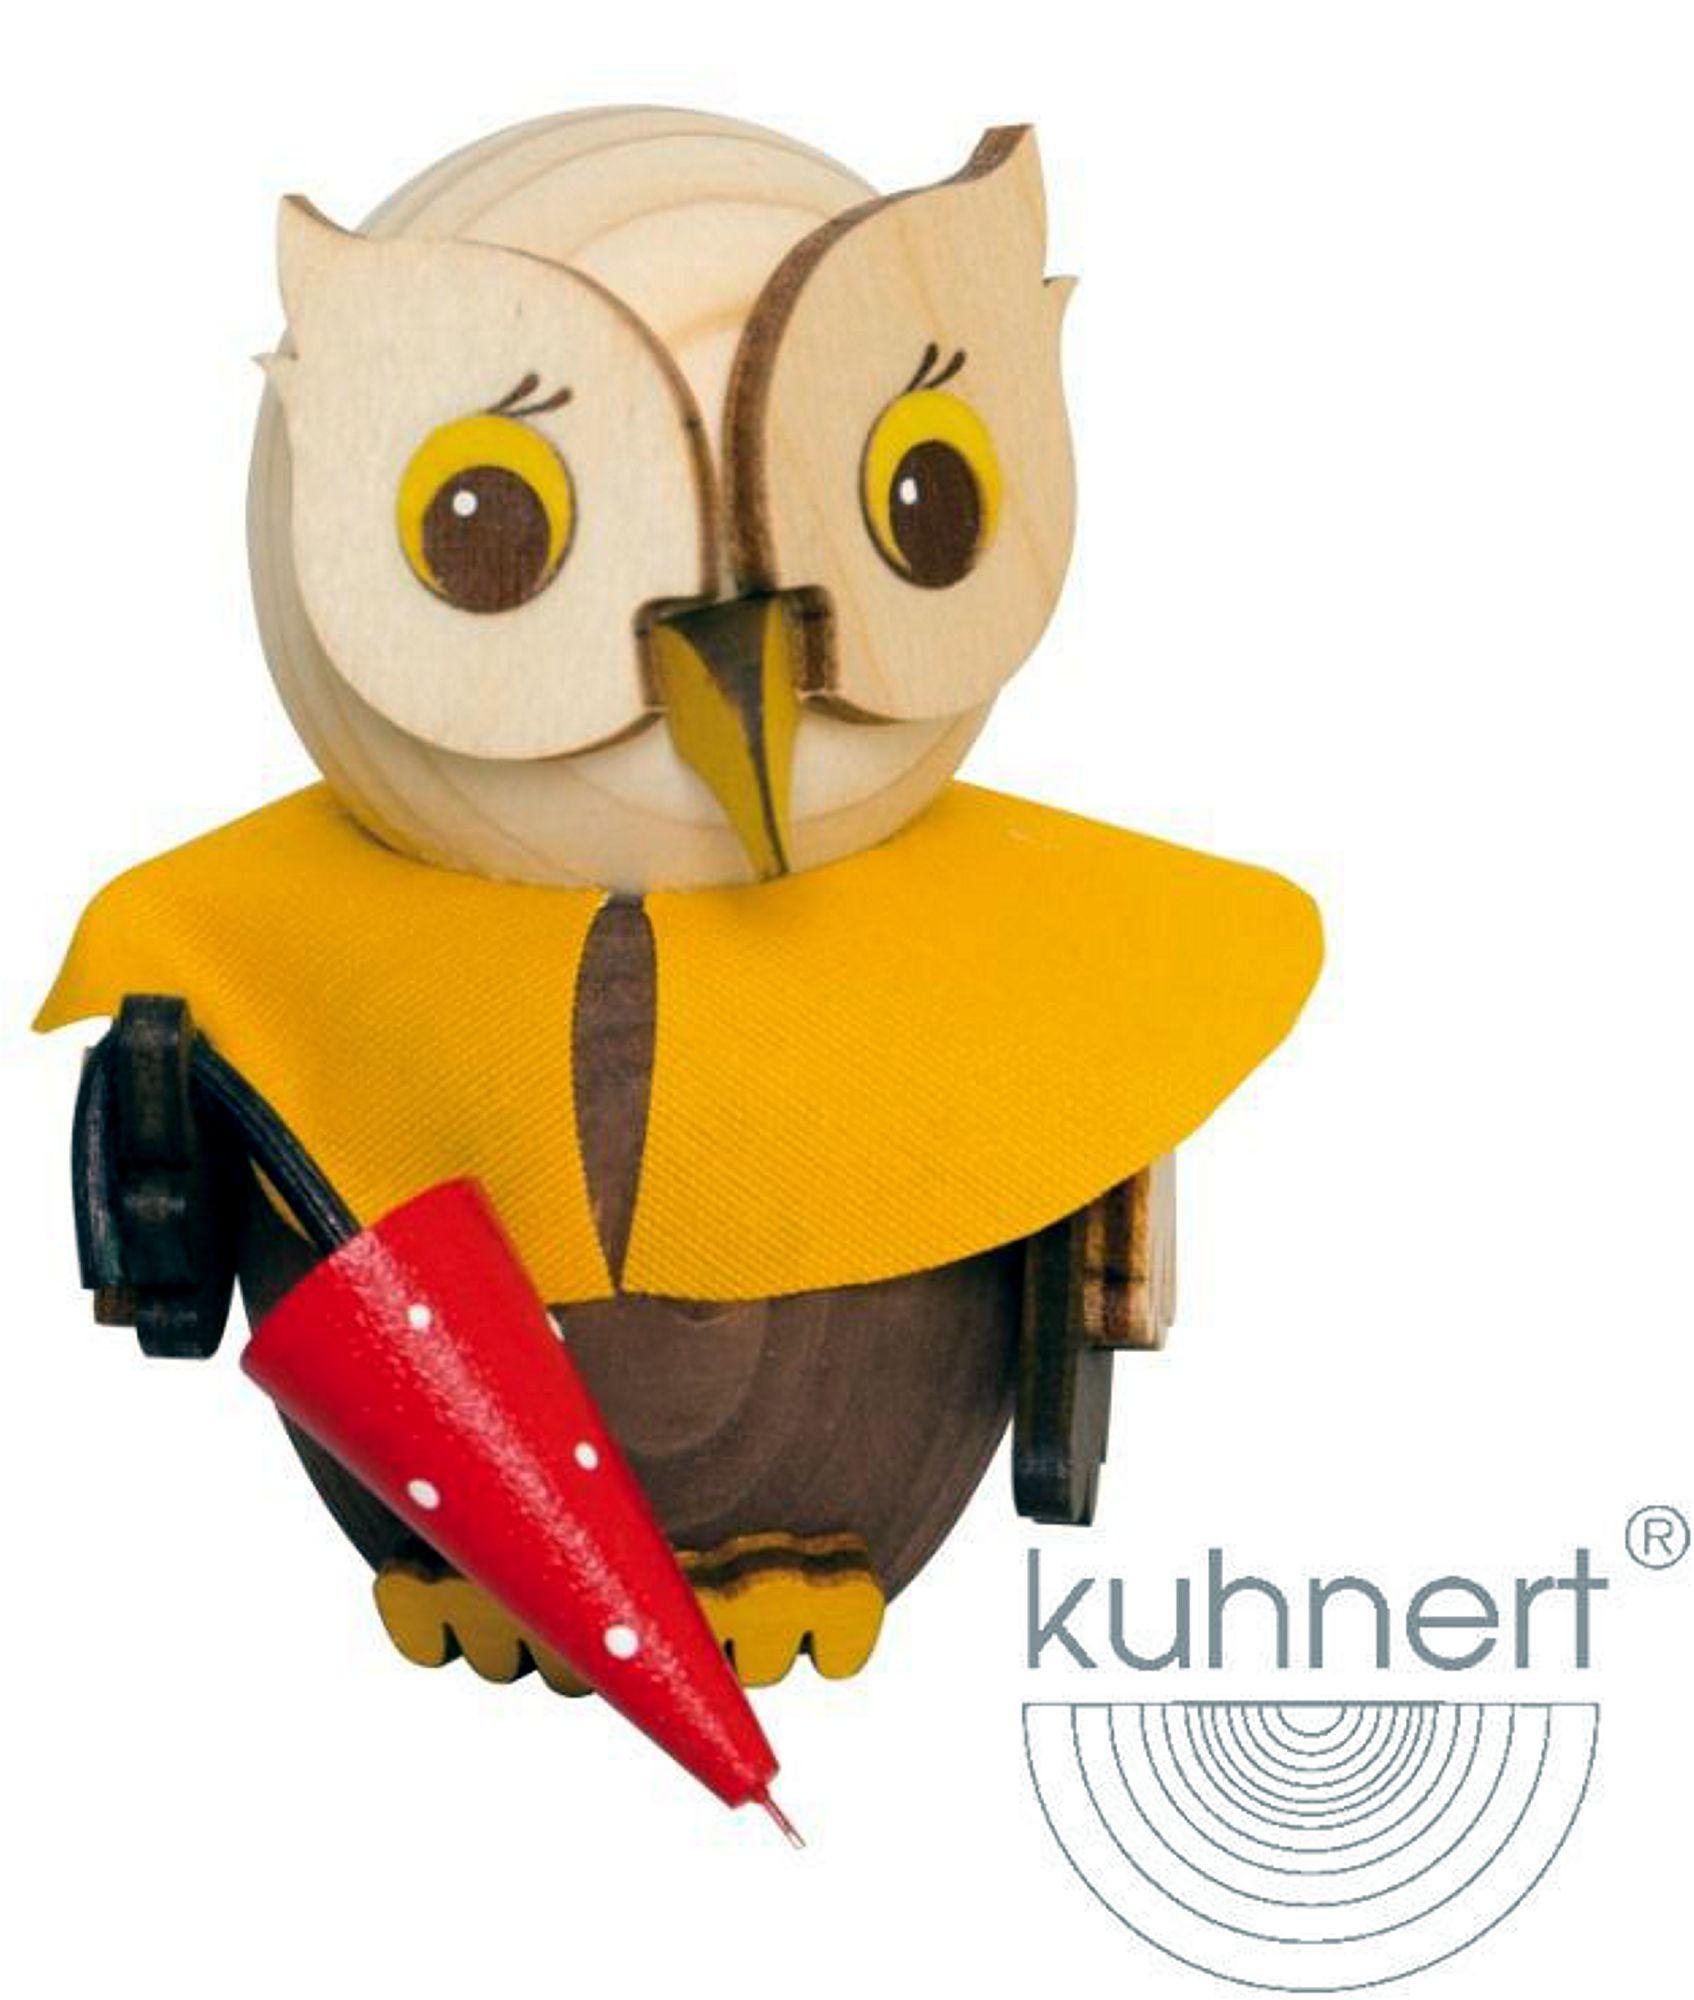 Drechslerei Kuhnert Mini-Eule mit Regenschirm